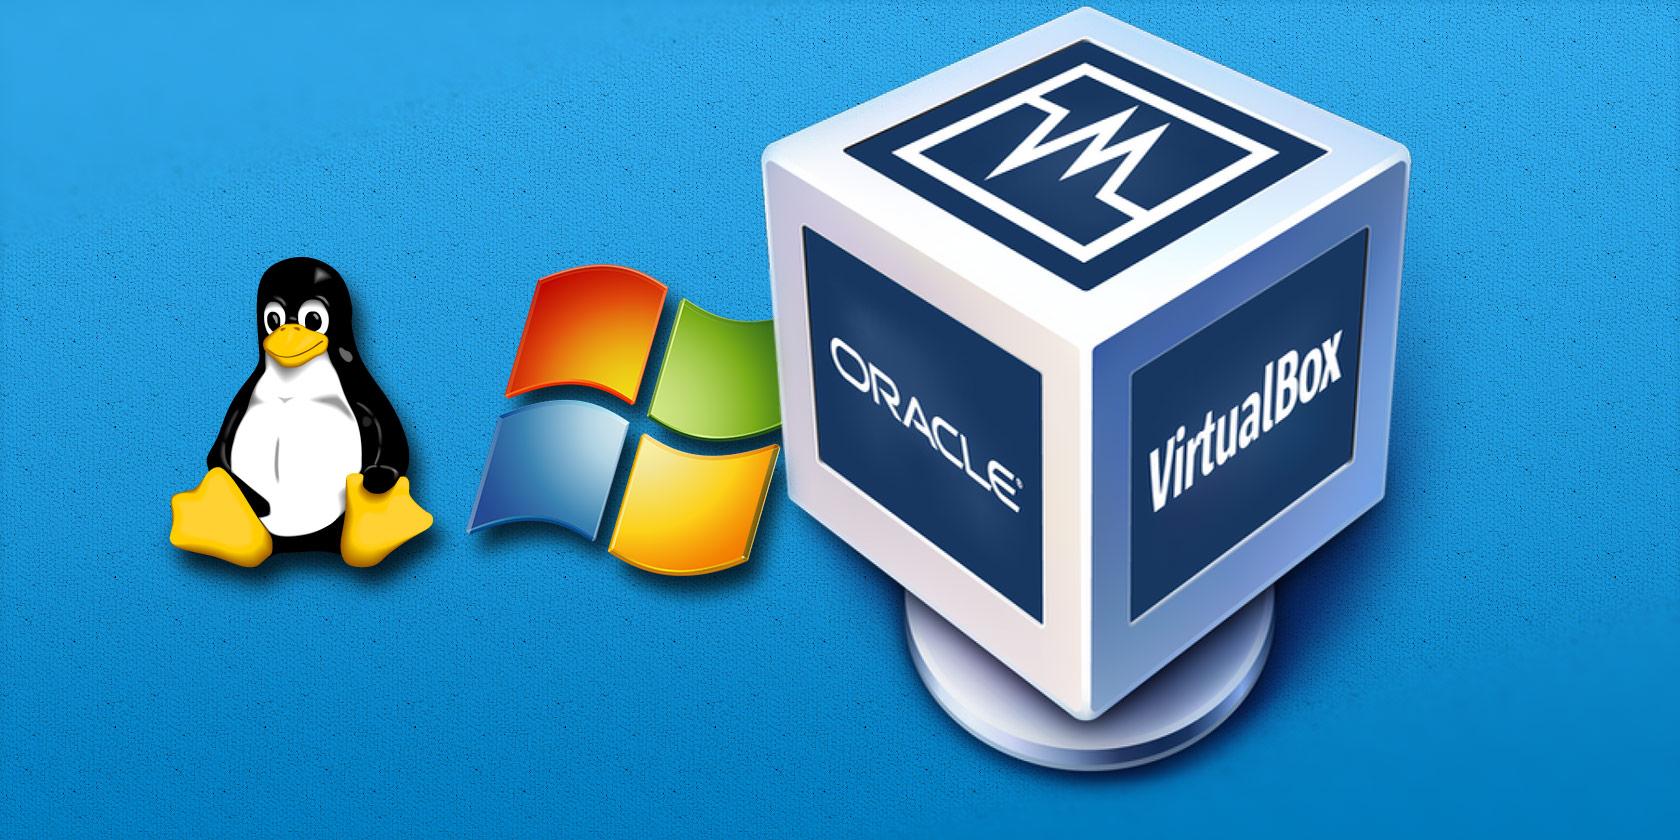 3 лучших сайта для загрузки образов виртуальных дисков для VirtualBox